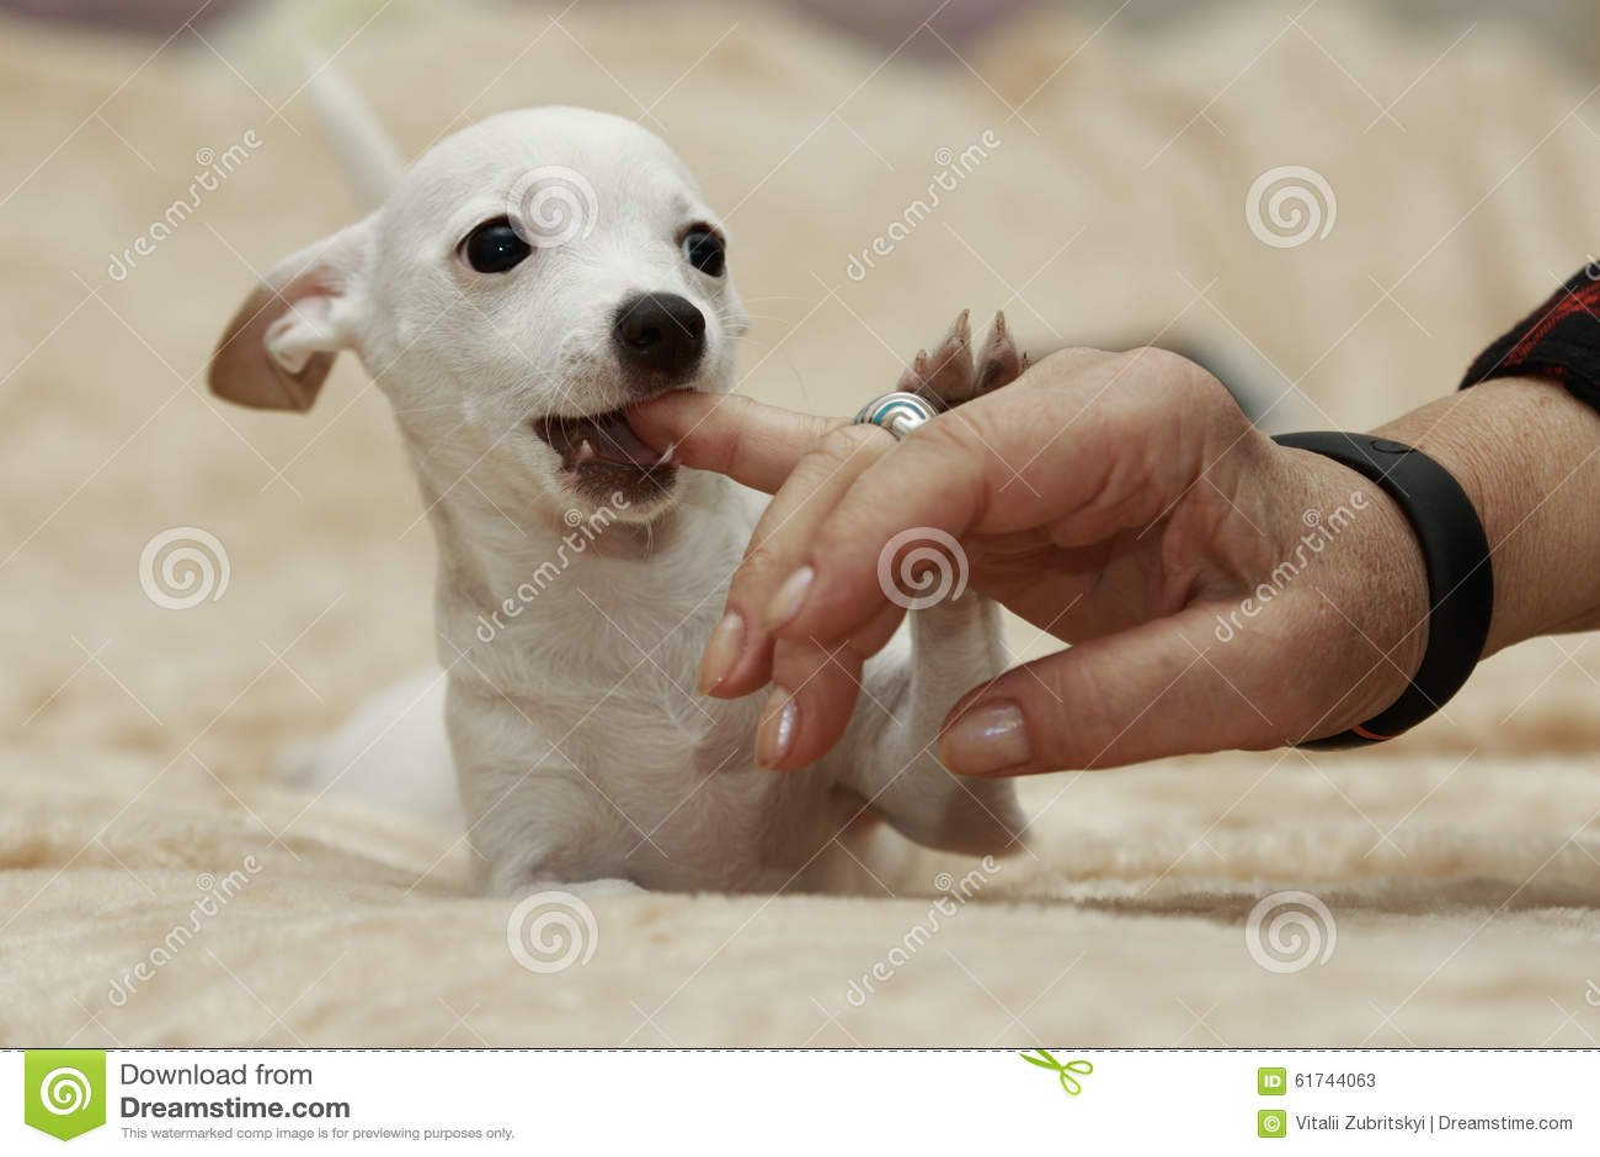 狗嚼一个手指